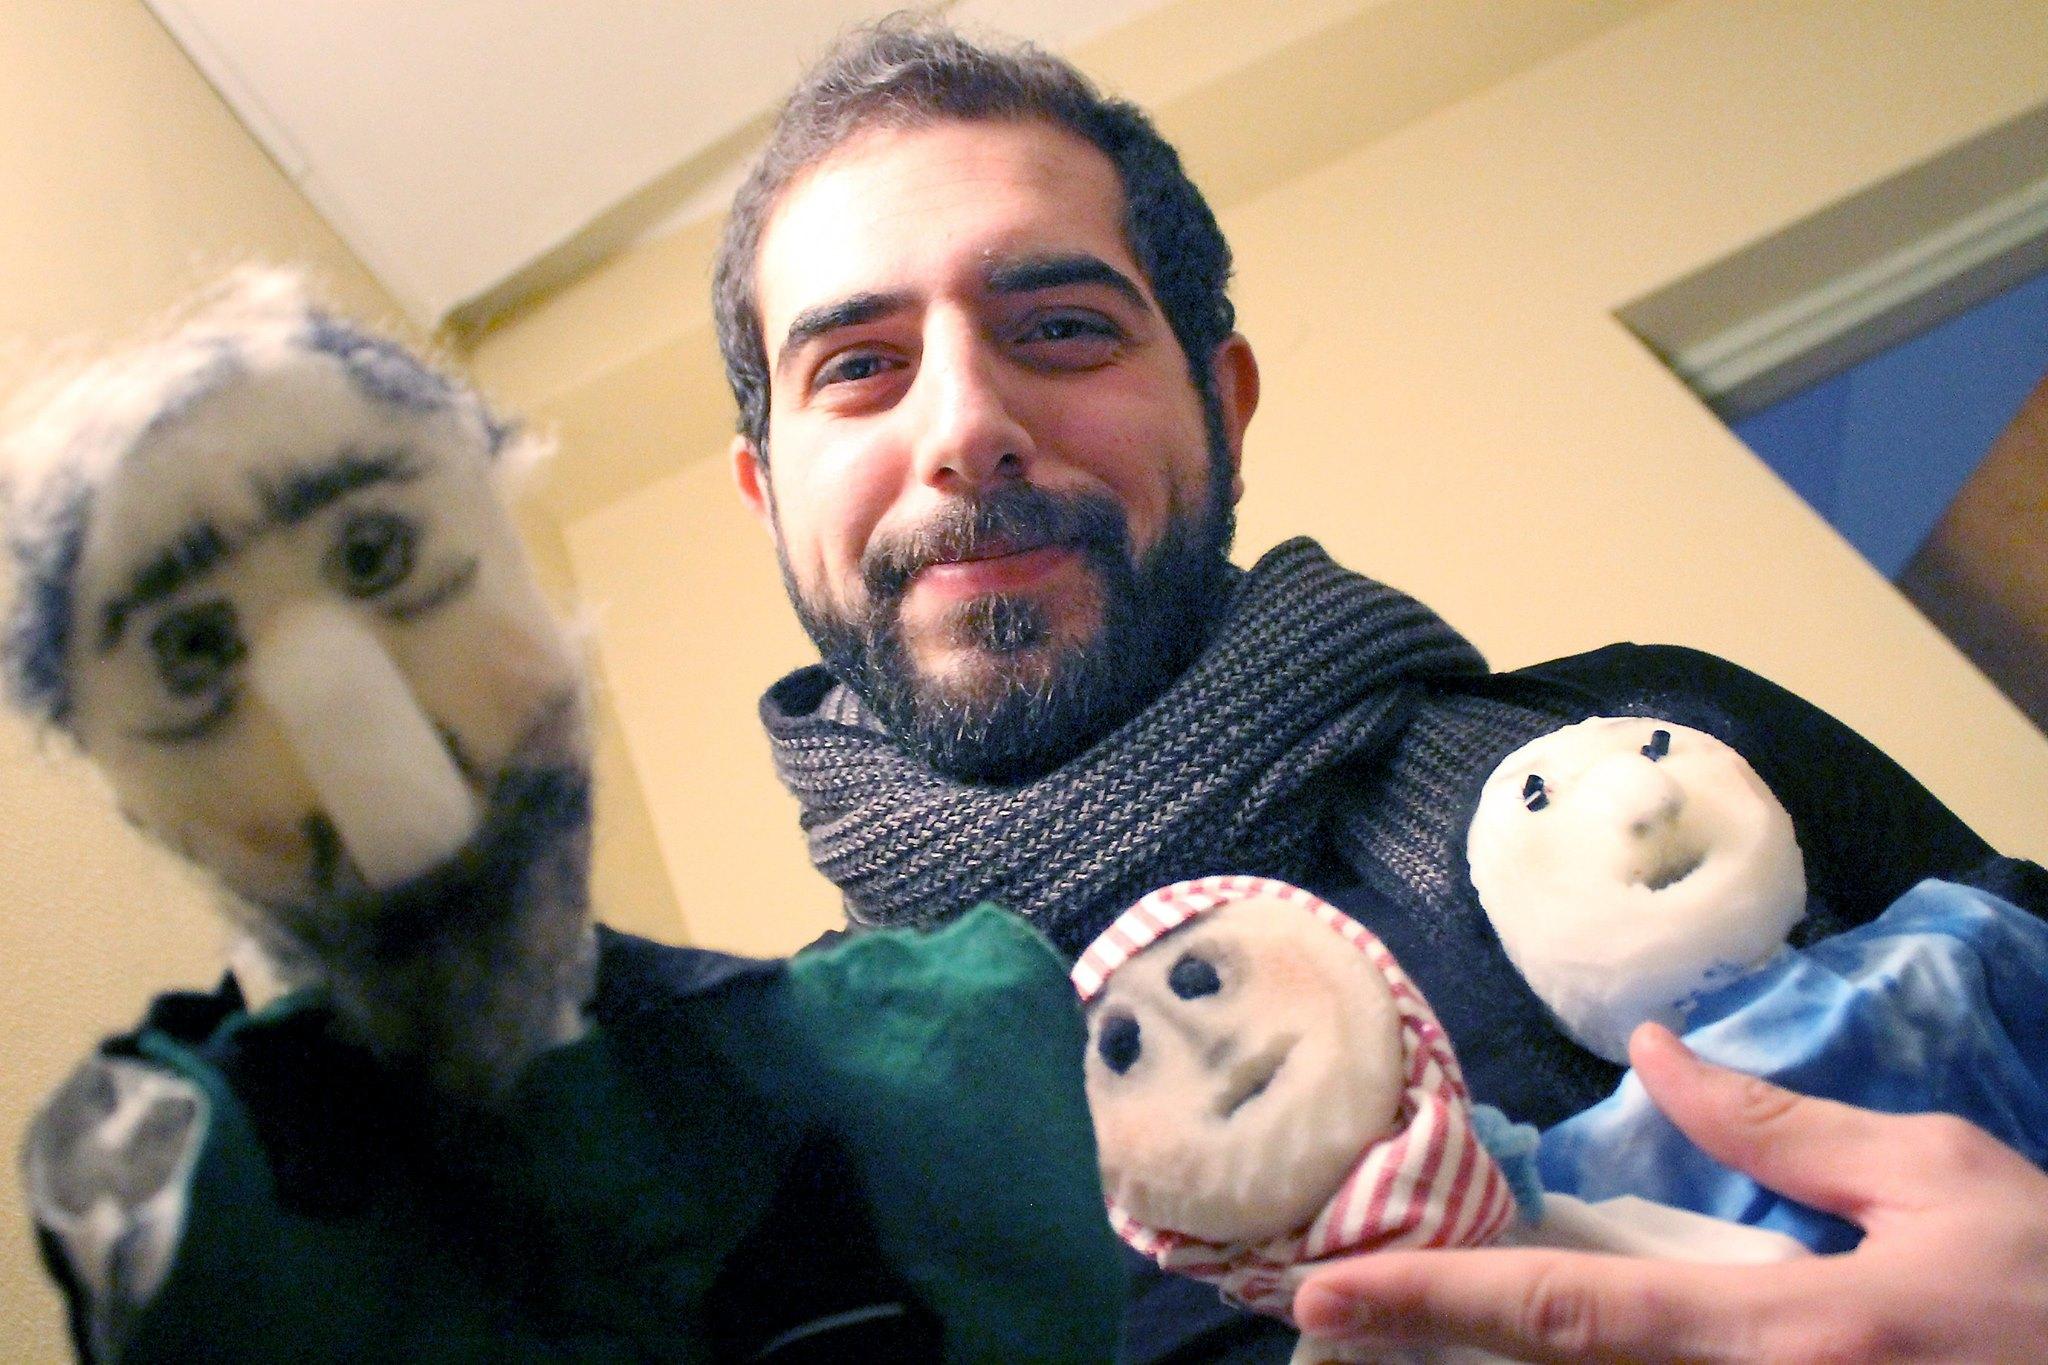 Bashar Sahyouni